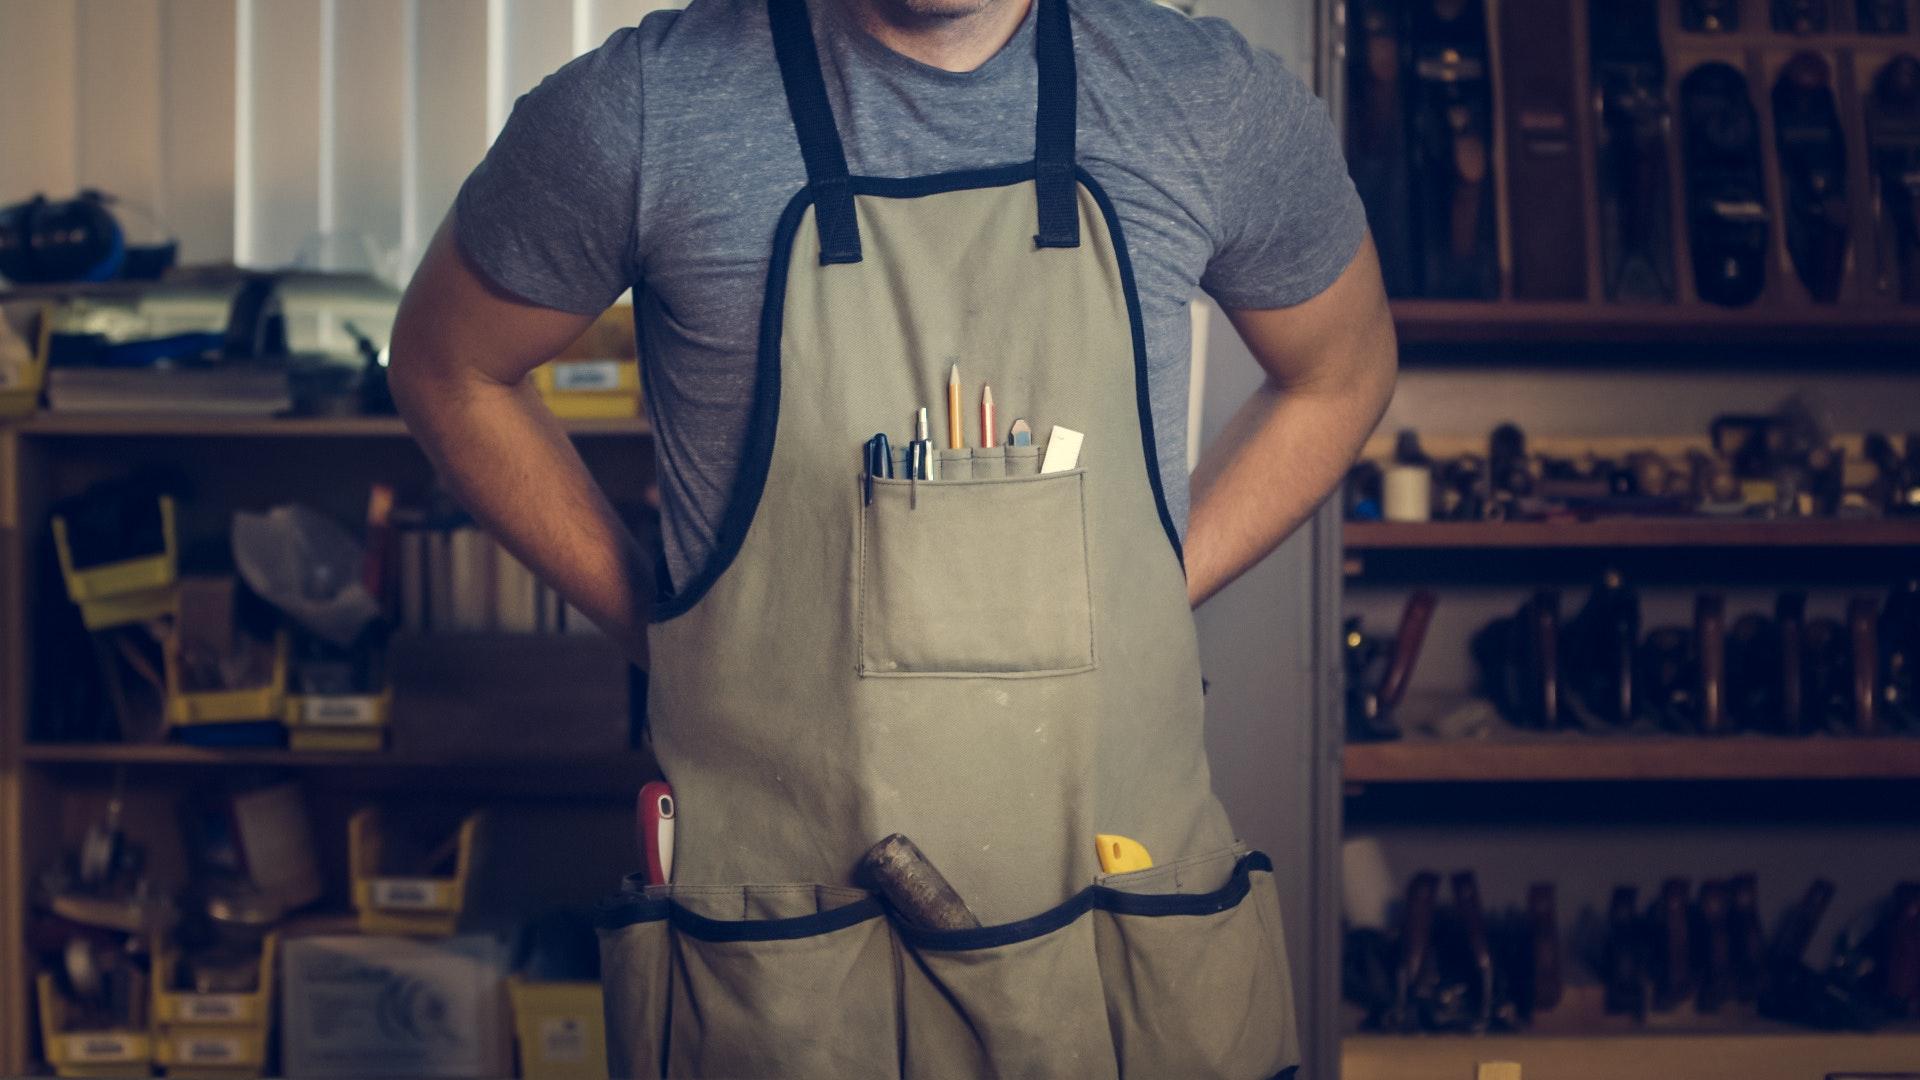 Armários Bancadas / painéis Bancadas móveis Bolsas / maletas Caixas de ferramentas Carrinho para ferramentas Estantes / prateleiras Gabinetes Gavetas Racks